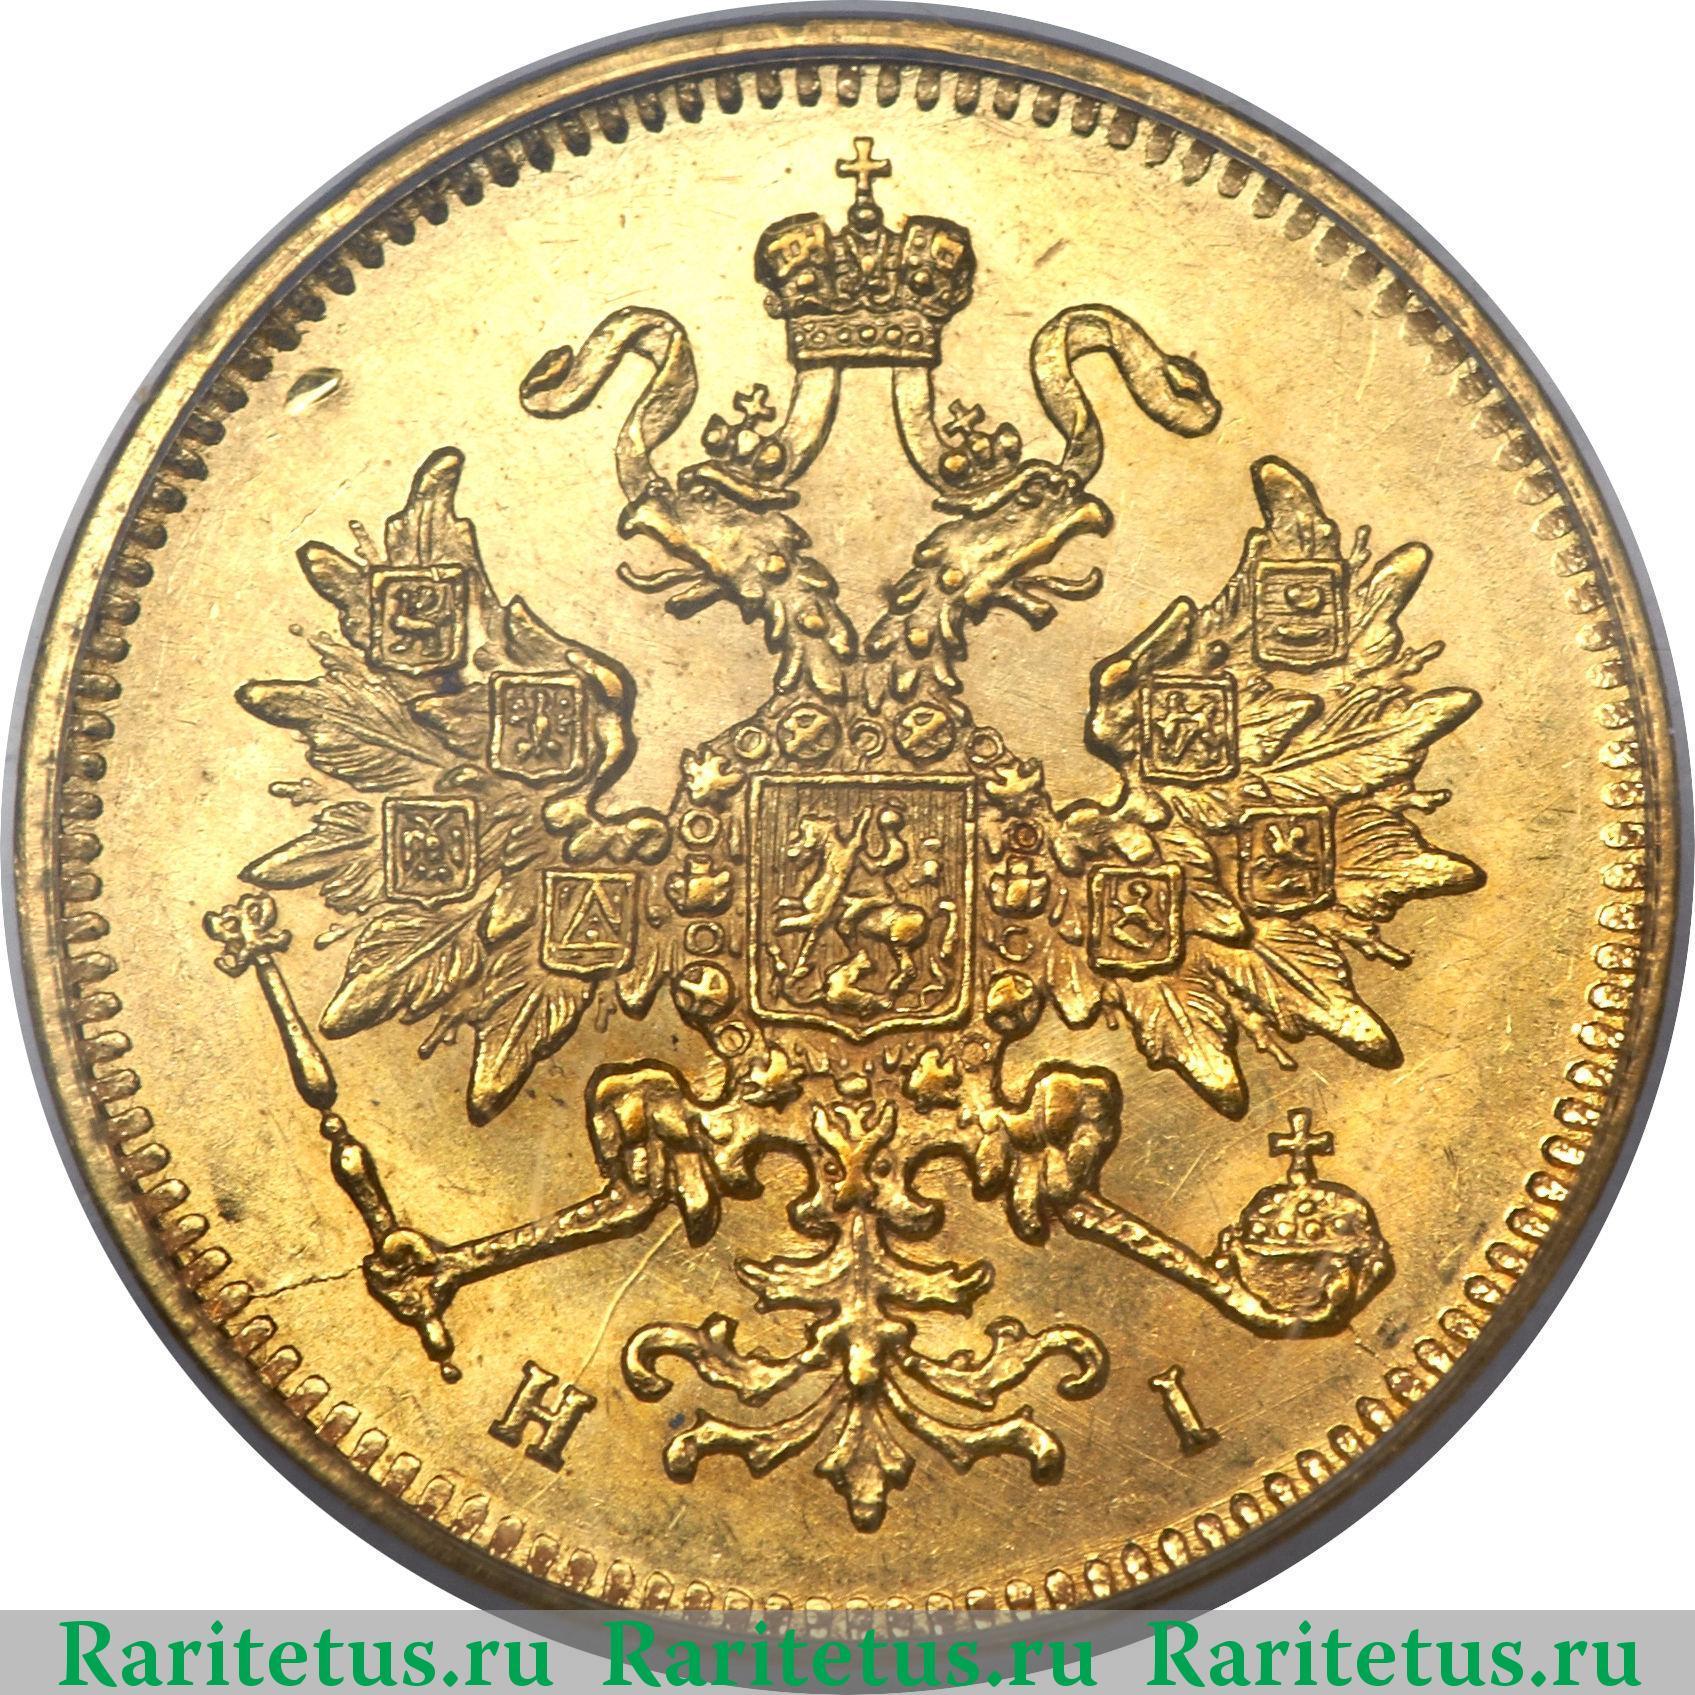 Сколько стоит рубль 1874 года бона симферополь